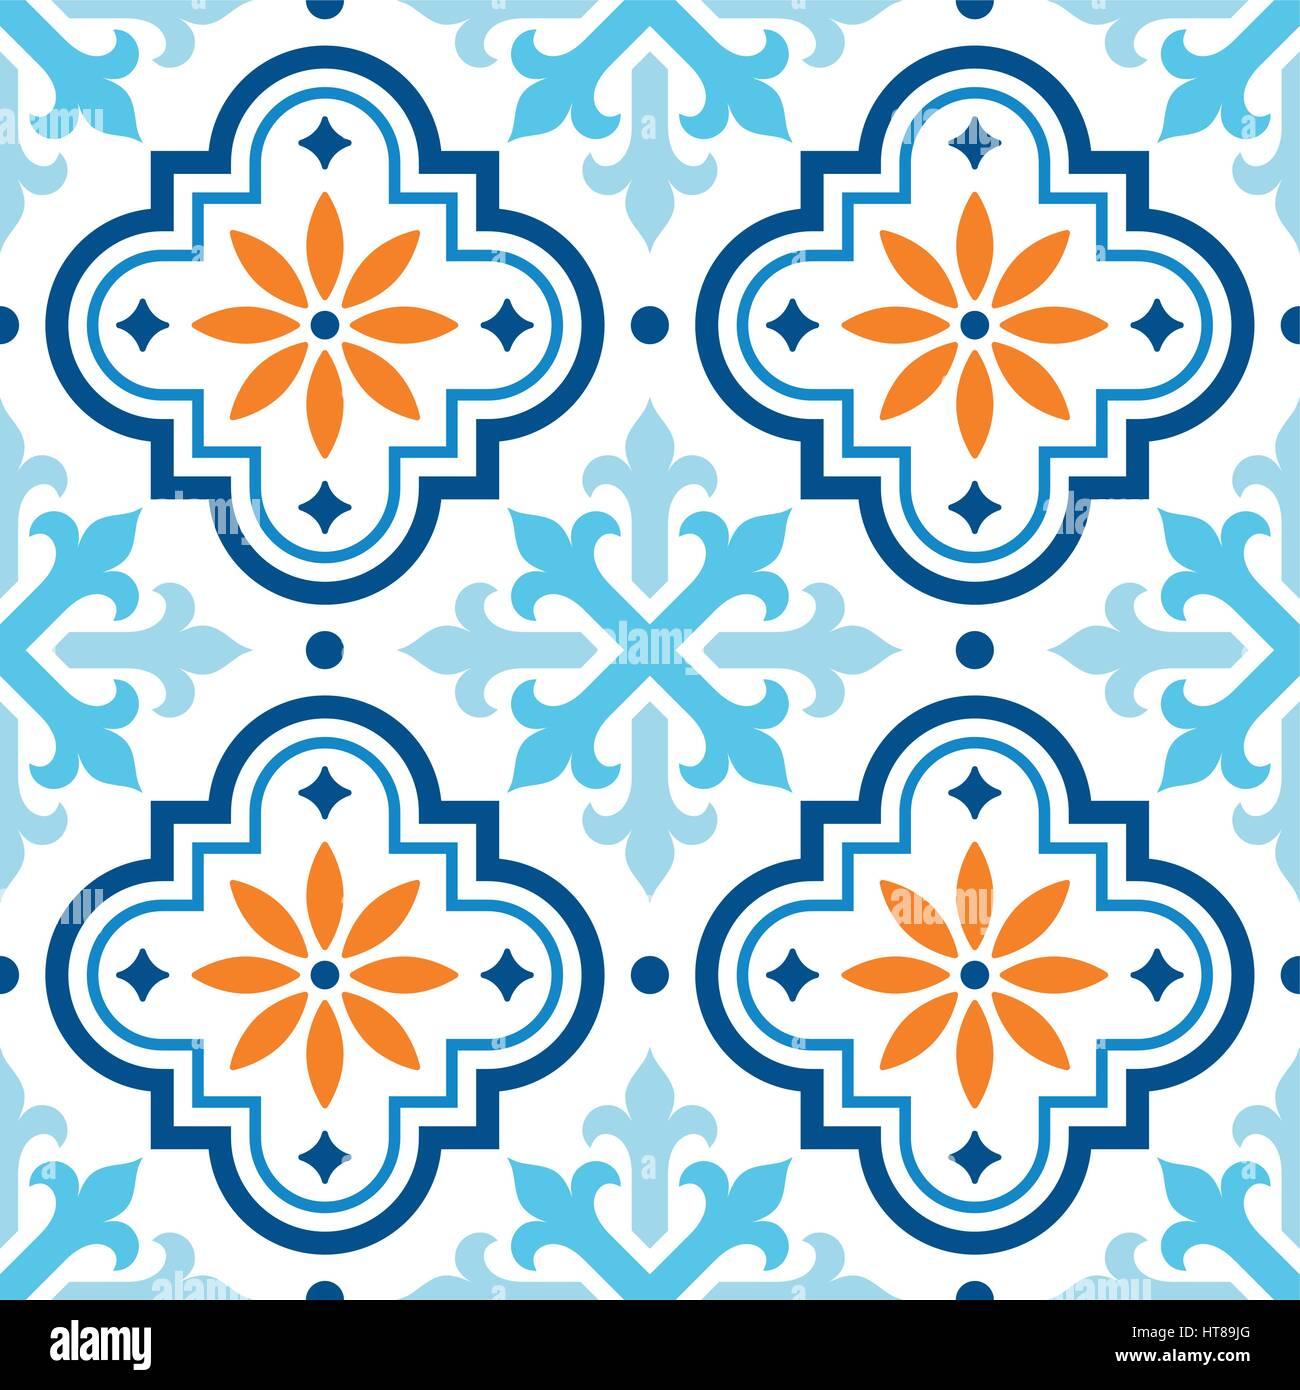 Spanische Fliese Muster, Marokkanischen Fliesen Design, Nahtlose Blauen Und  Orangefarbenen Hintergrund